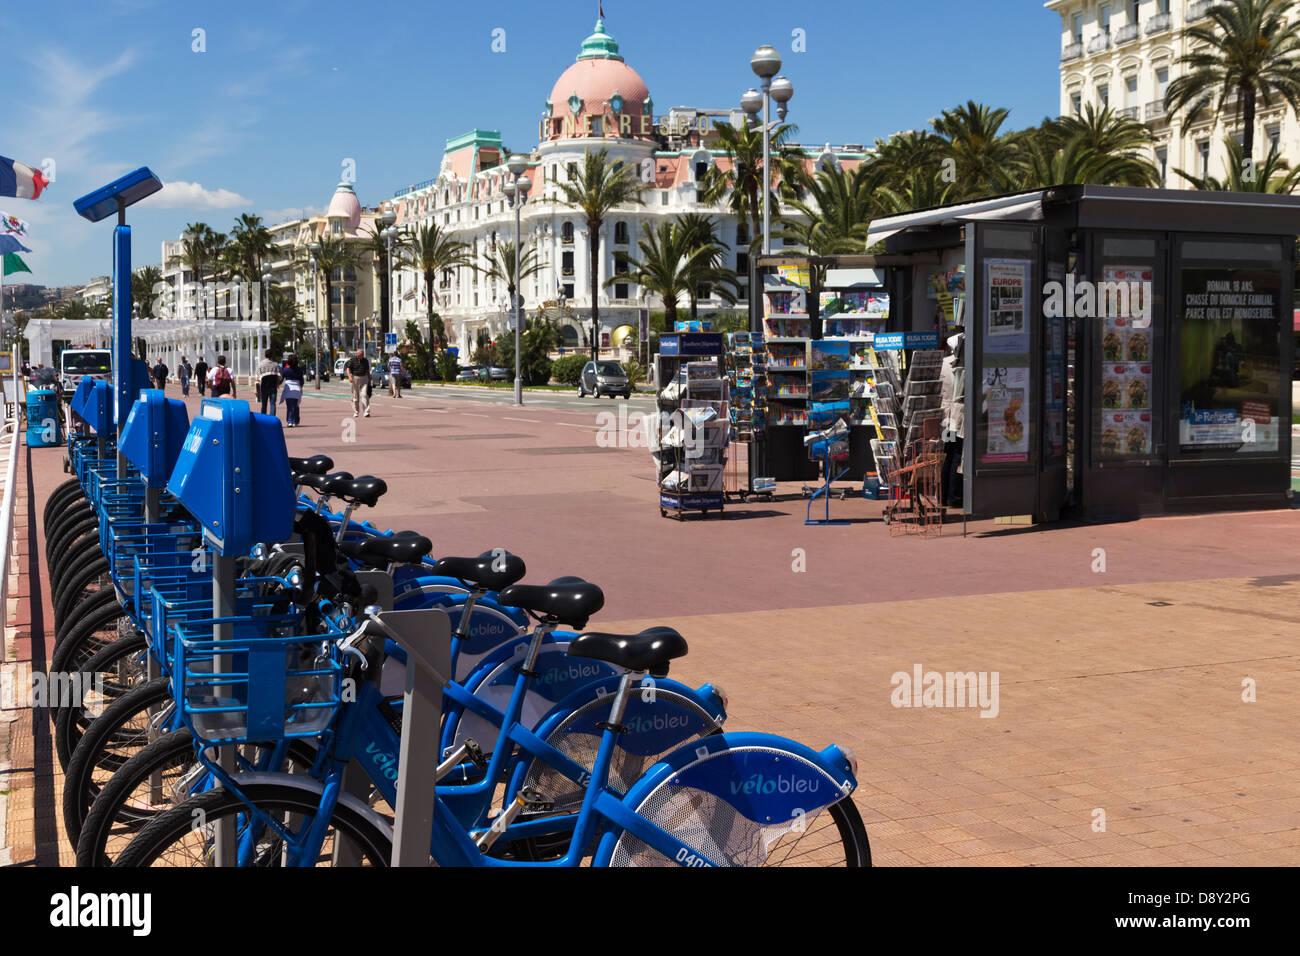 Velo Bleu Noleggio bici sulla Promenade Des Anglais Nizza Provence Francia Immagini Stock